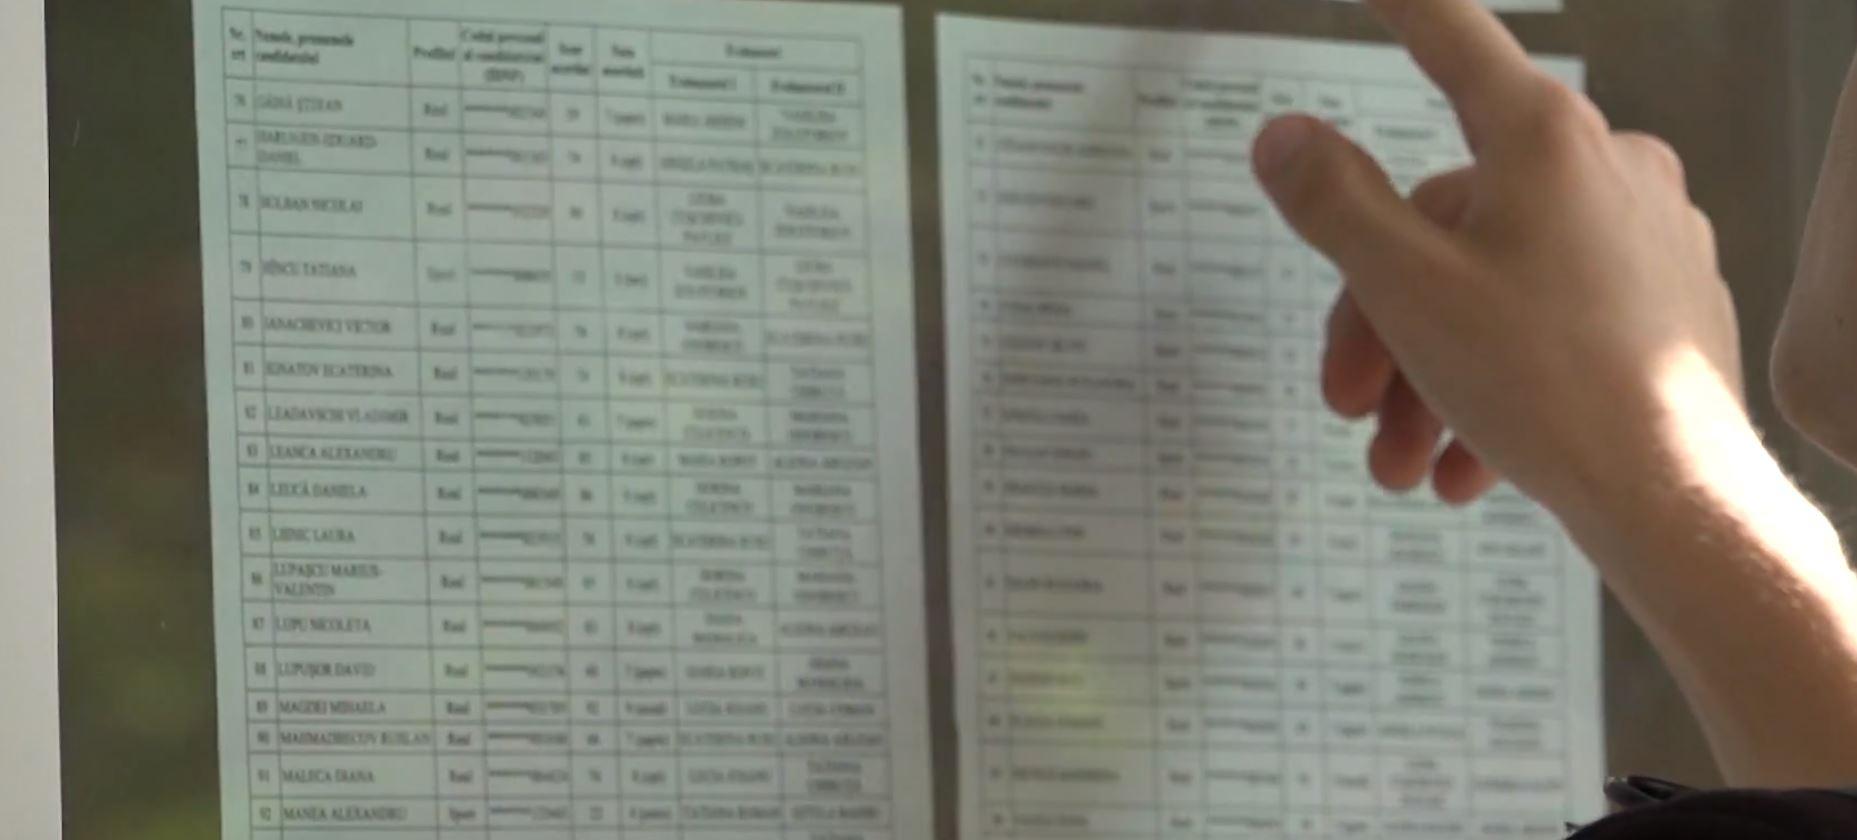 Liste cu rezultate la examen.